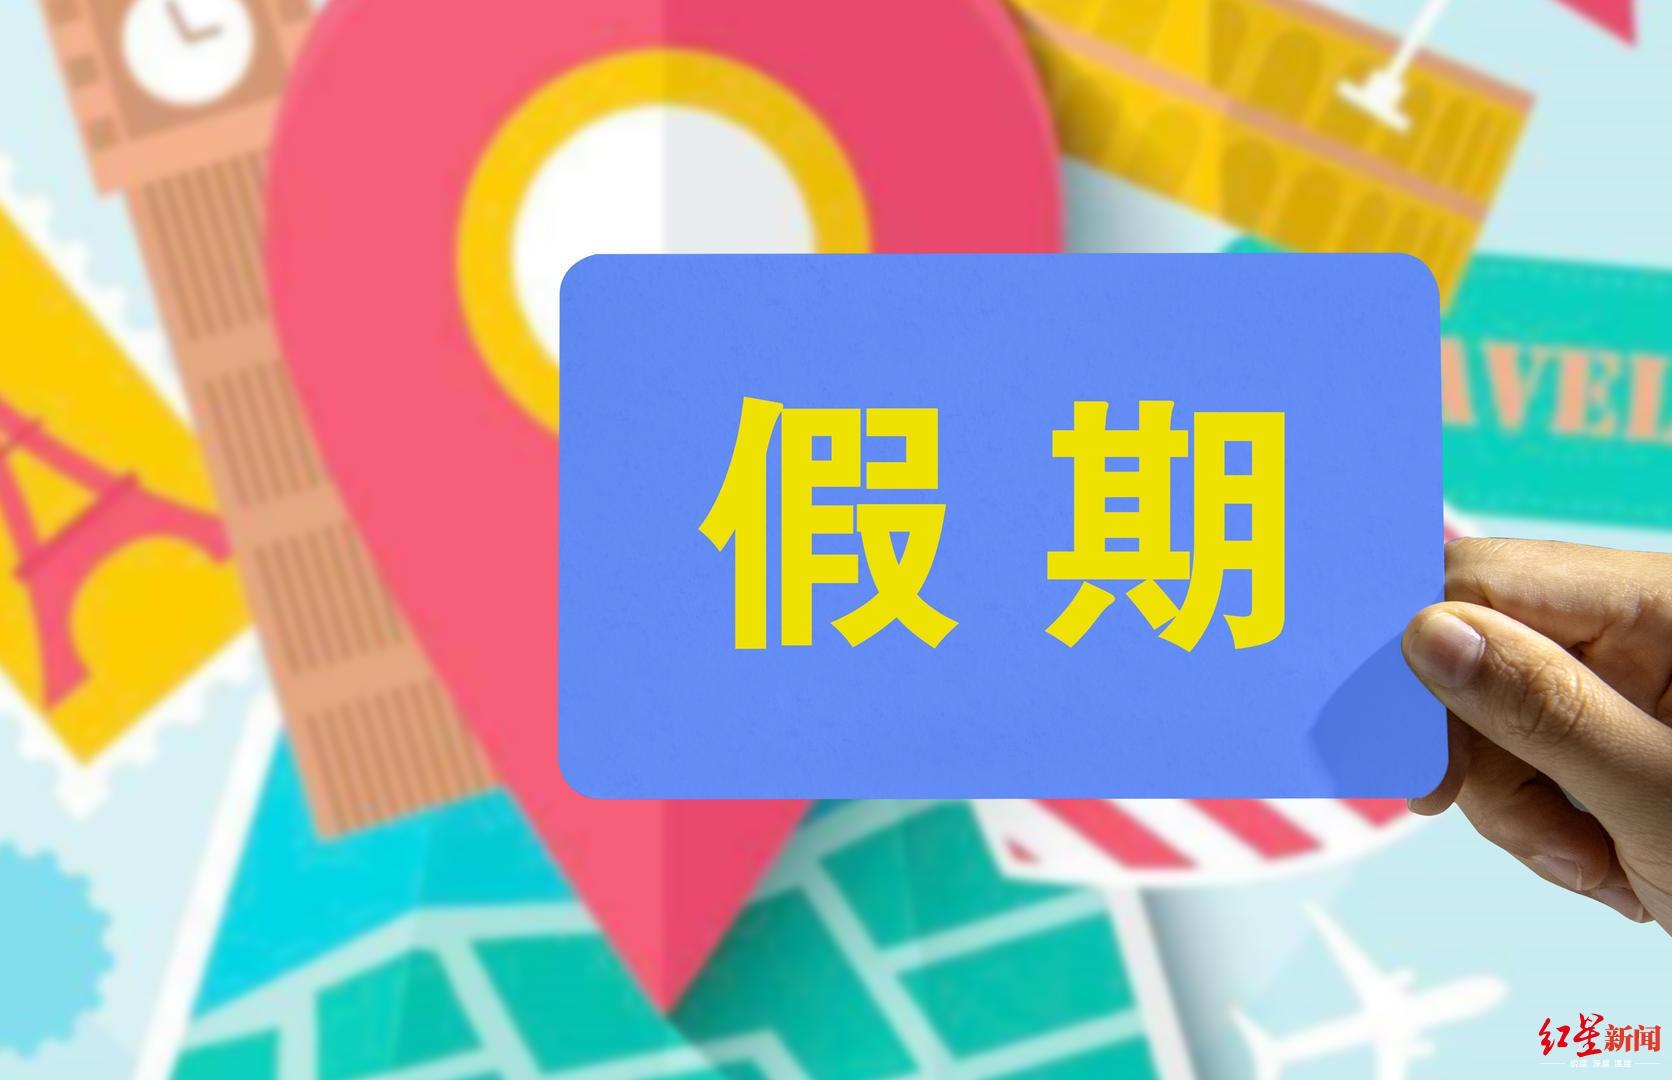 """""""两会热评""""系列⑯丨""""寒暑假分散为春夏秋冬4个假""""需慎重对待"""